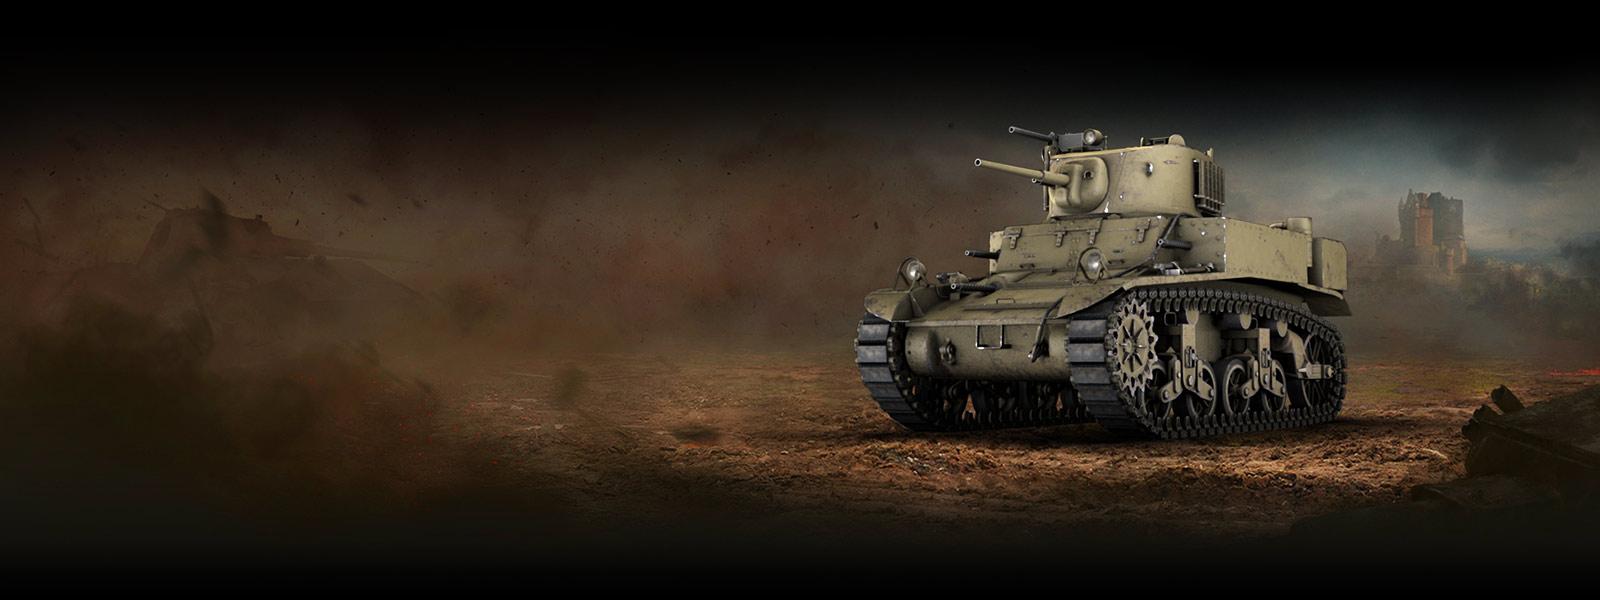 Light class tank